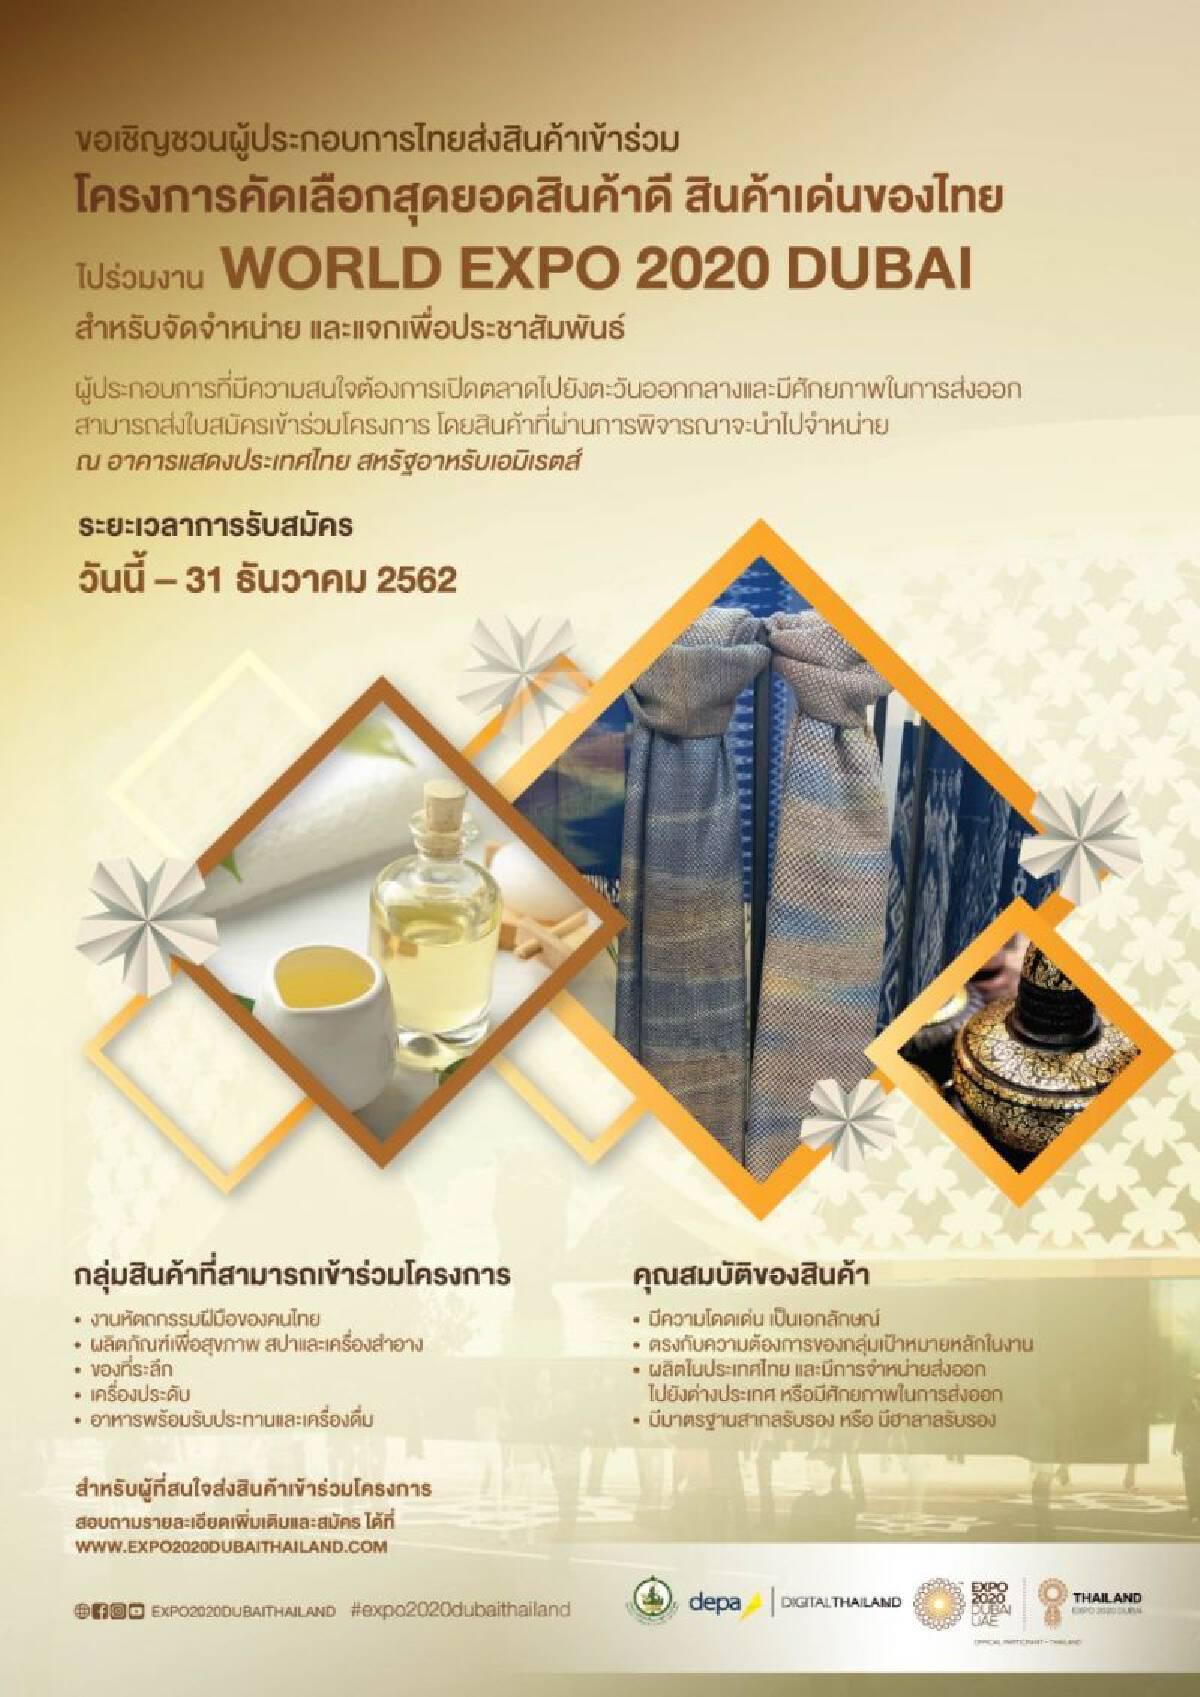 ดีป้าเฟ้นผู้ประกอบการลุย World Expo 2020 Dubai